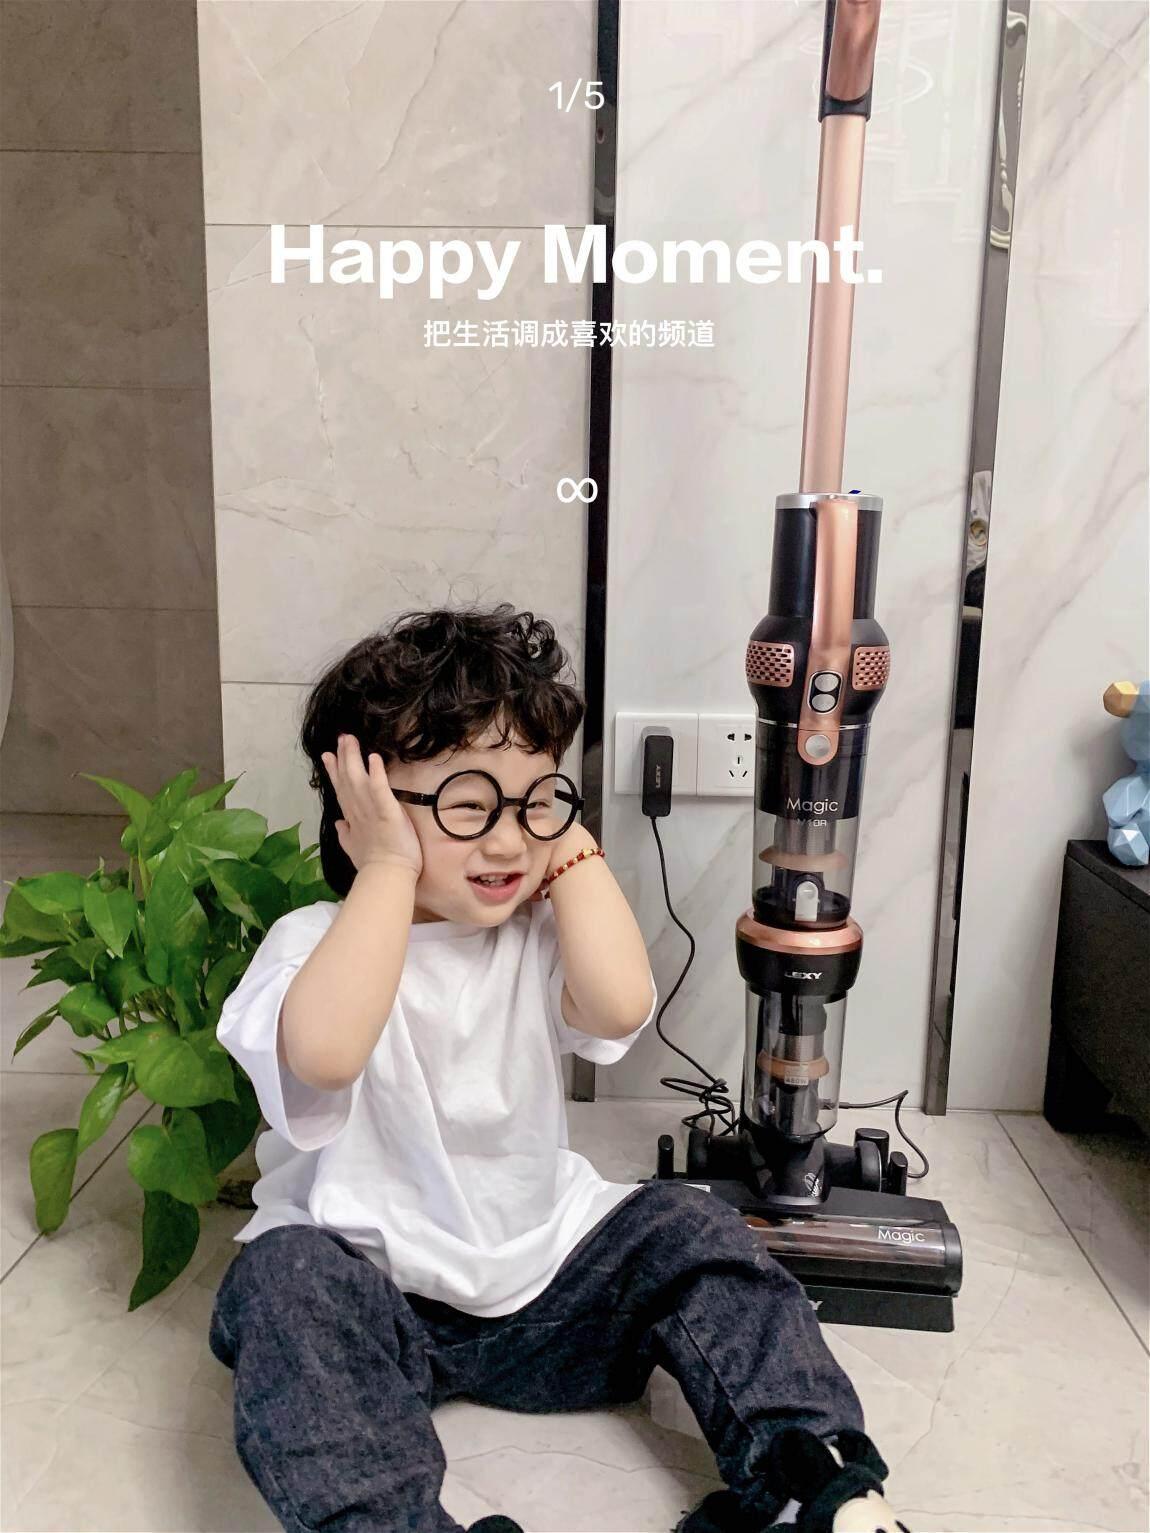 为孩子的健康,该如何选择吸尘器